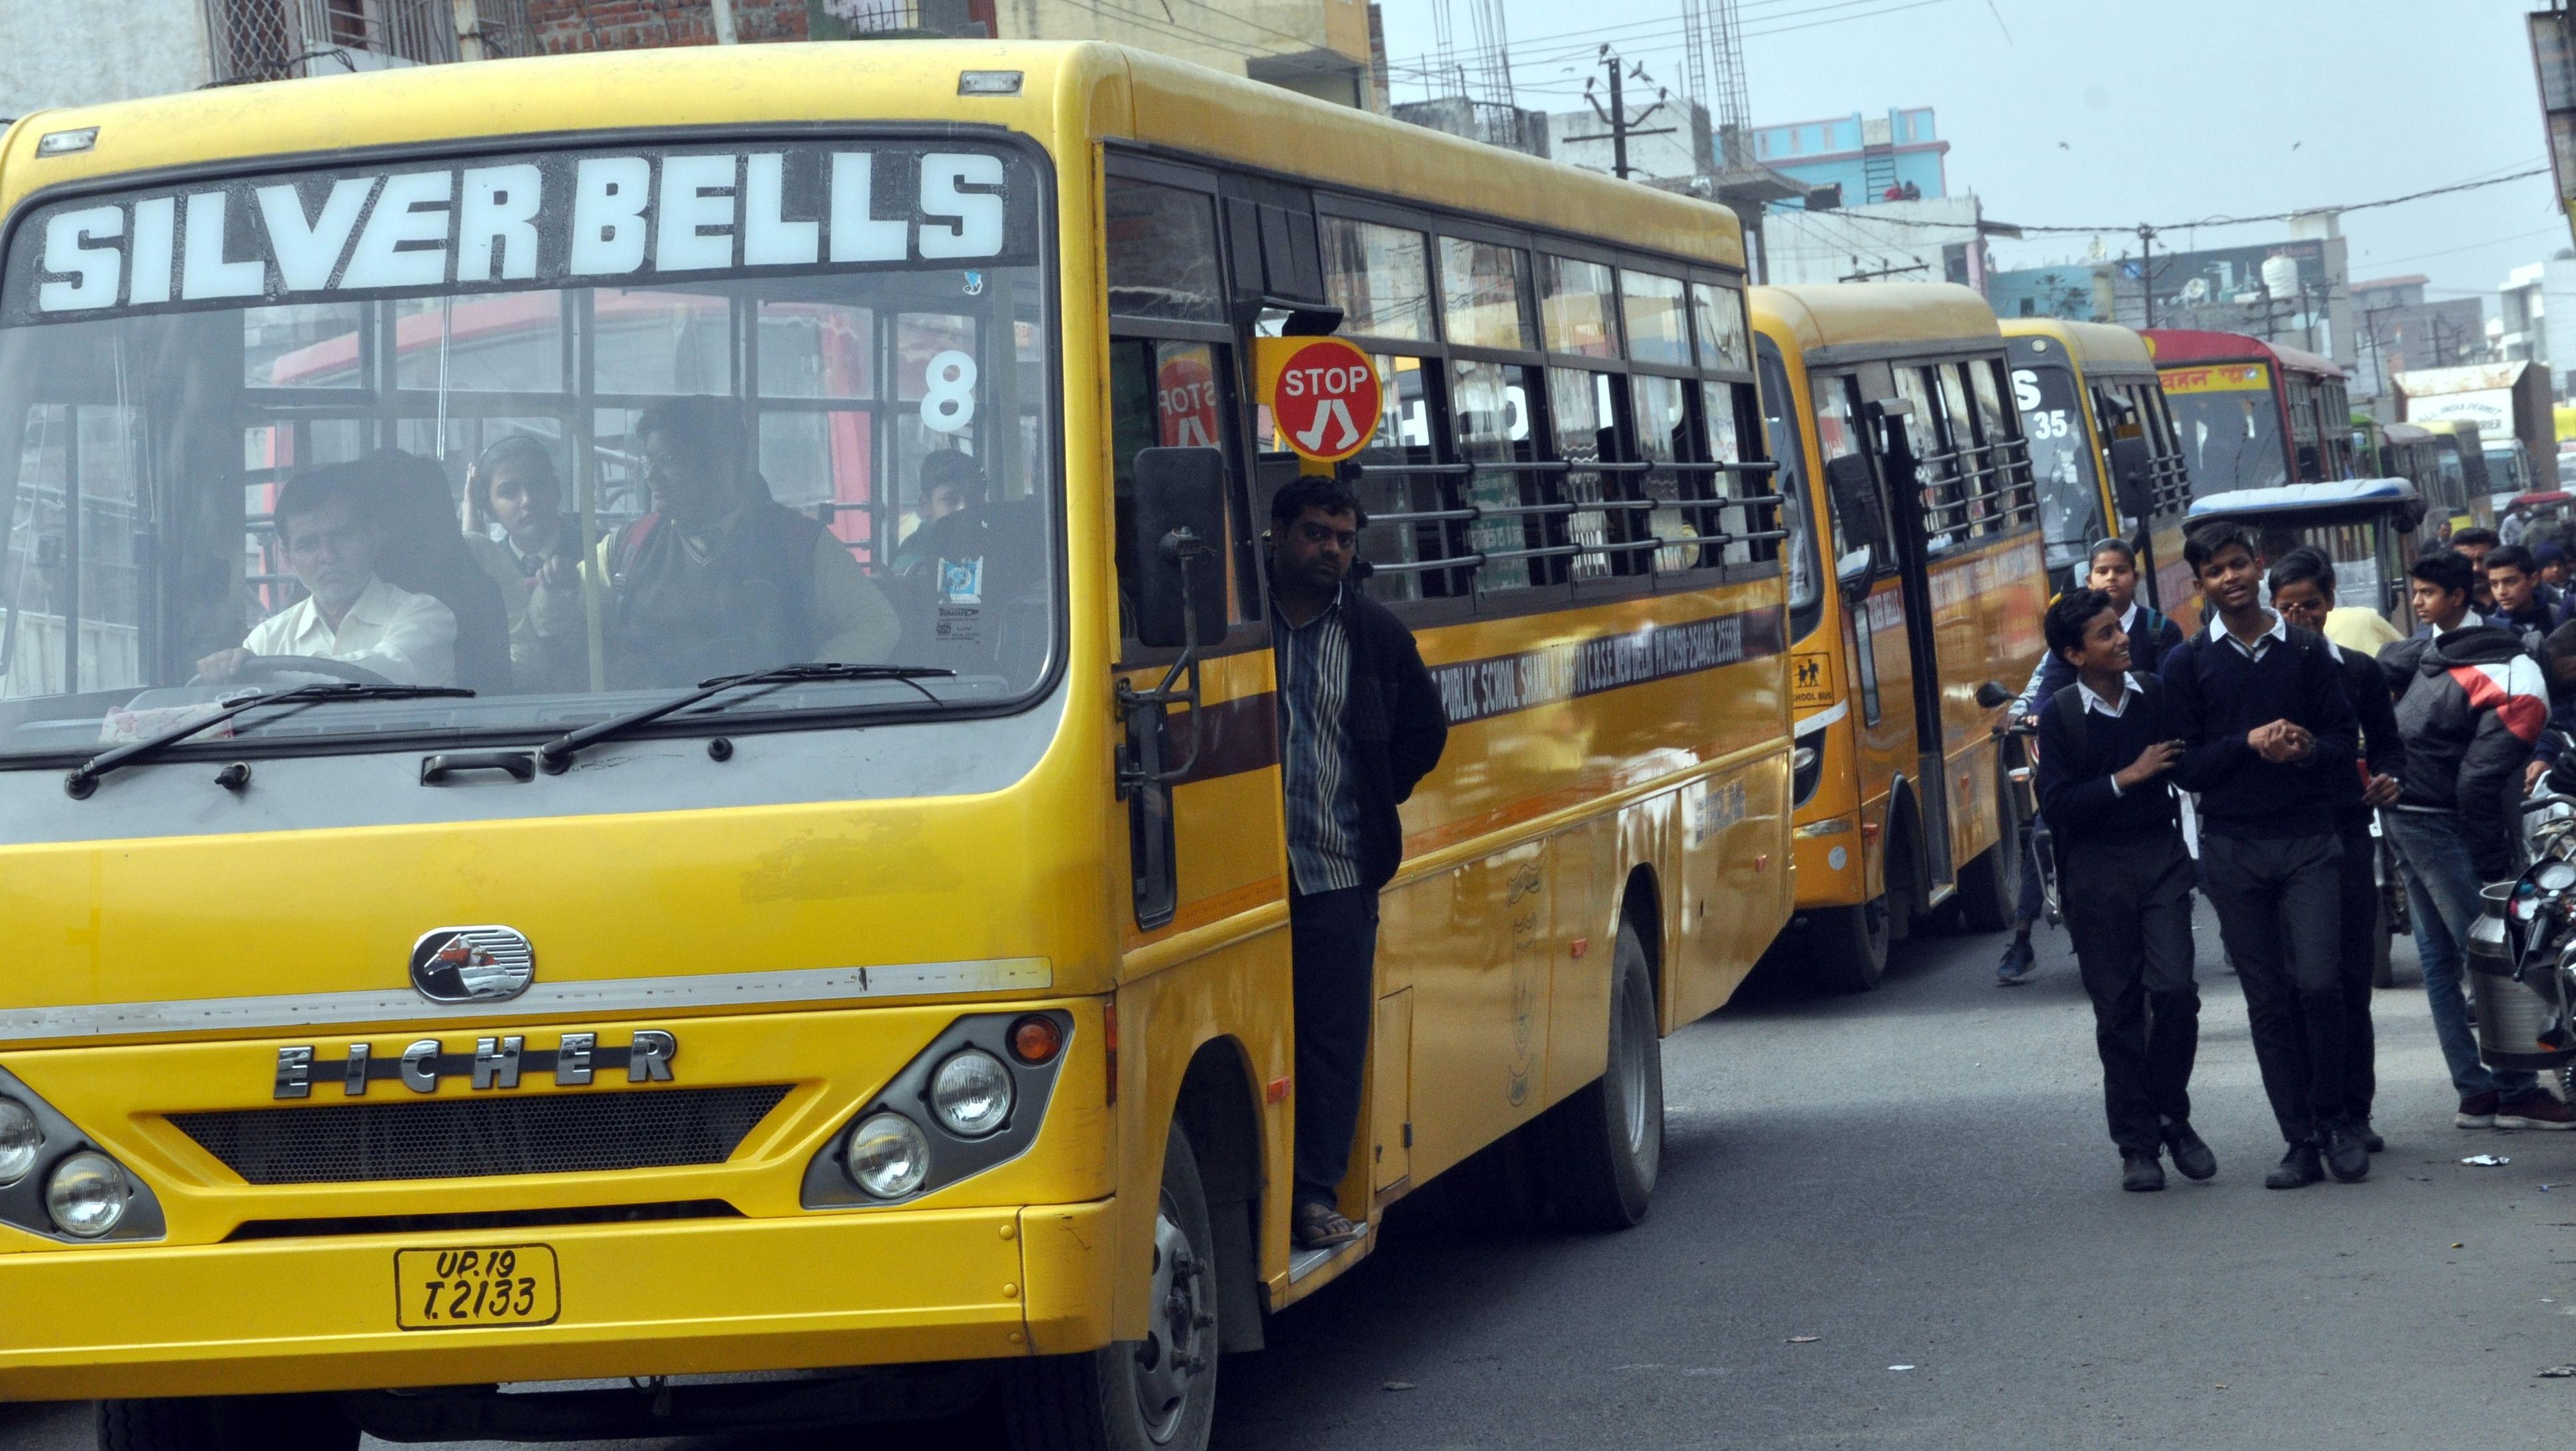 शामली बुढाना रोड पर जाम के दौरान वाहनो की लगी लाइन